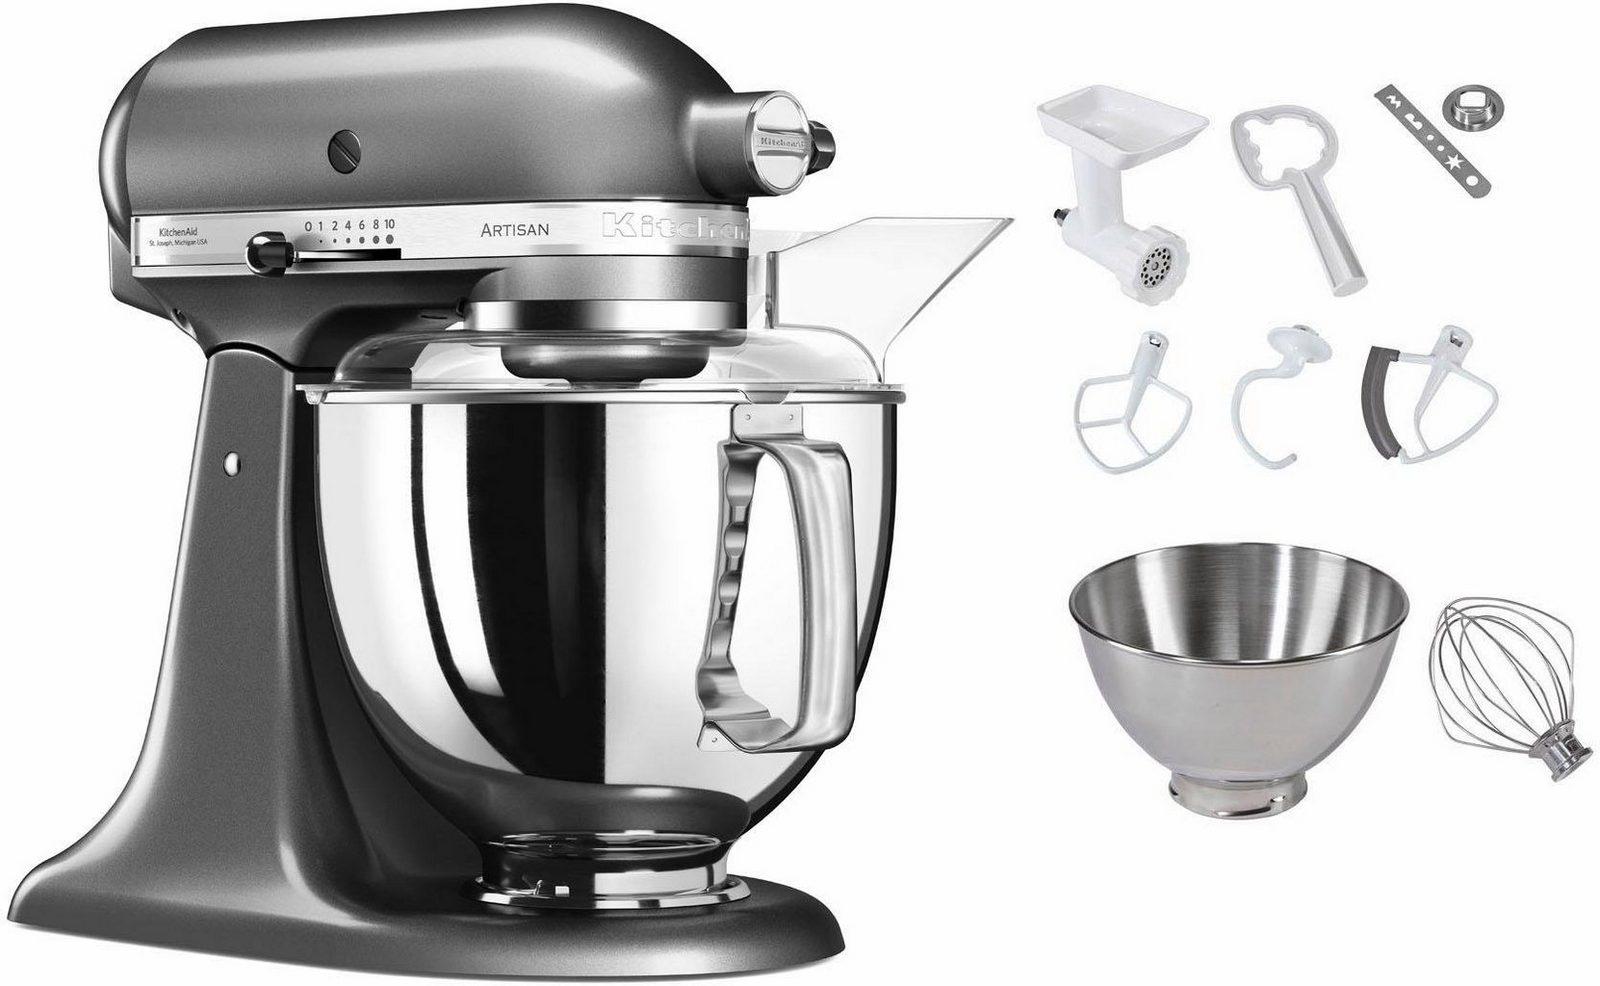 KitchenAid Küchenmaschine 5KSM175PSEMS Artisan, 300 W, 4,83 l Schüssel, inkl. Sonderzubehör im Wert von ca. 112,-€ UVP